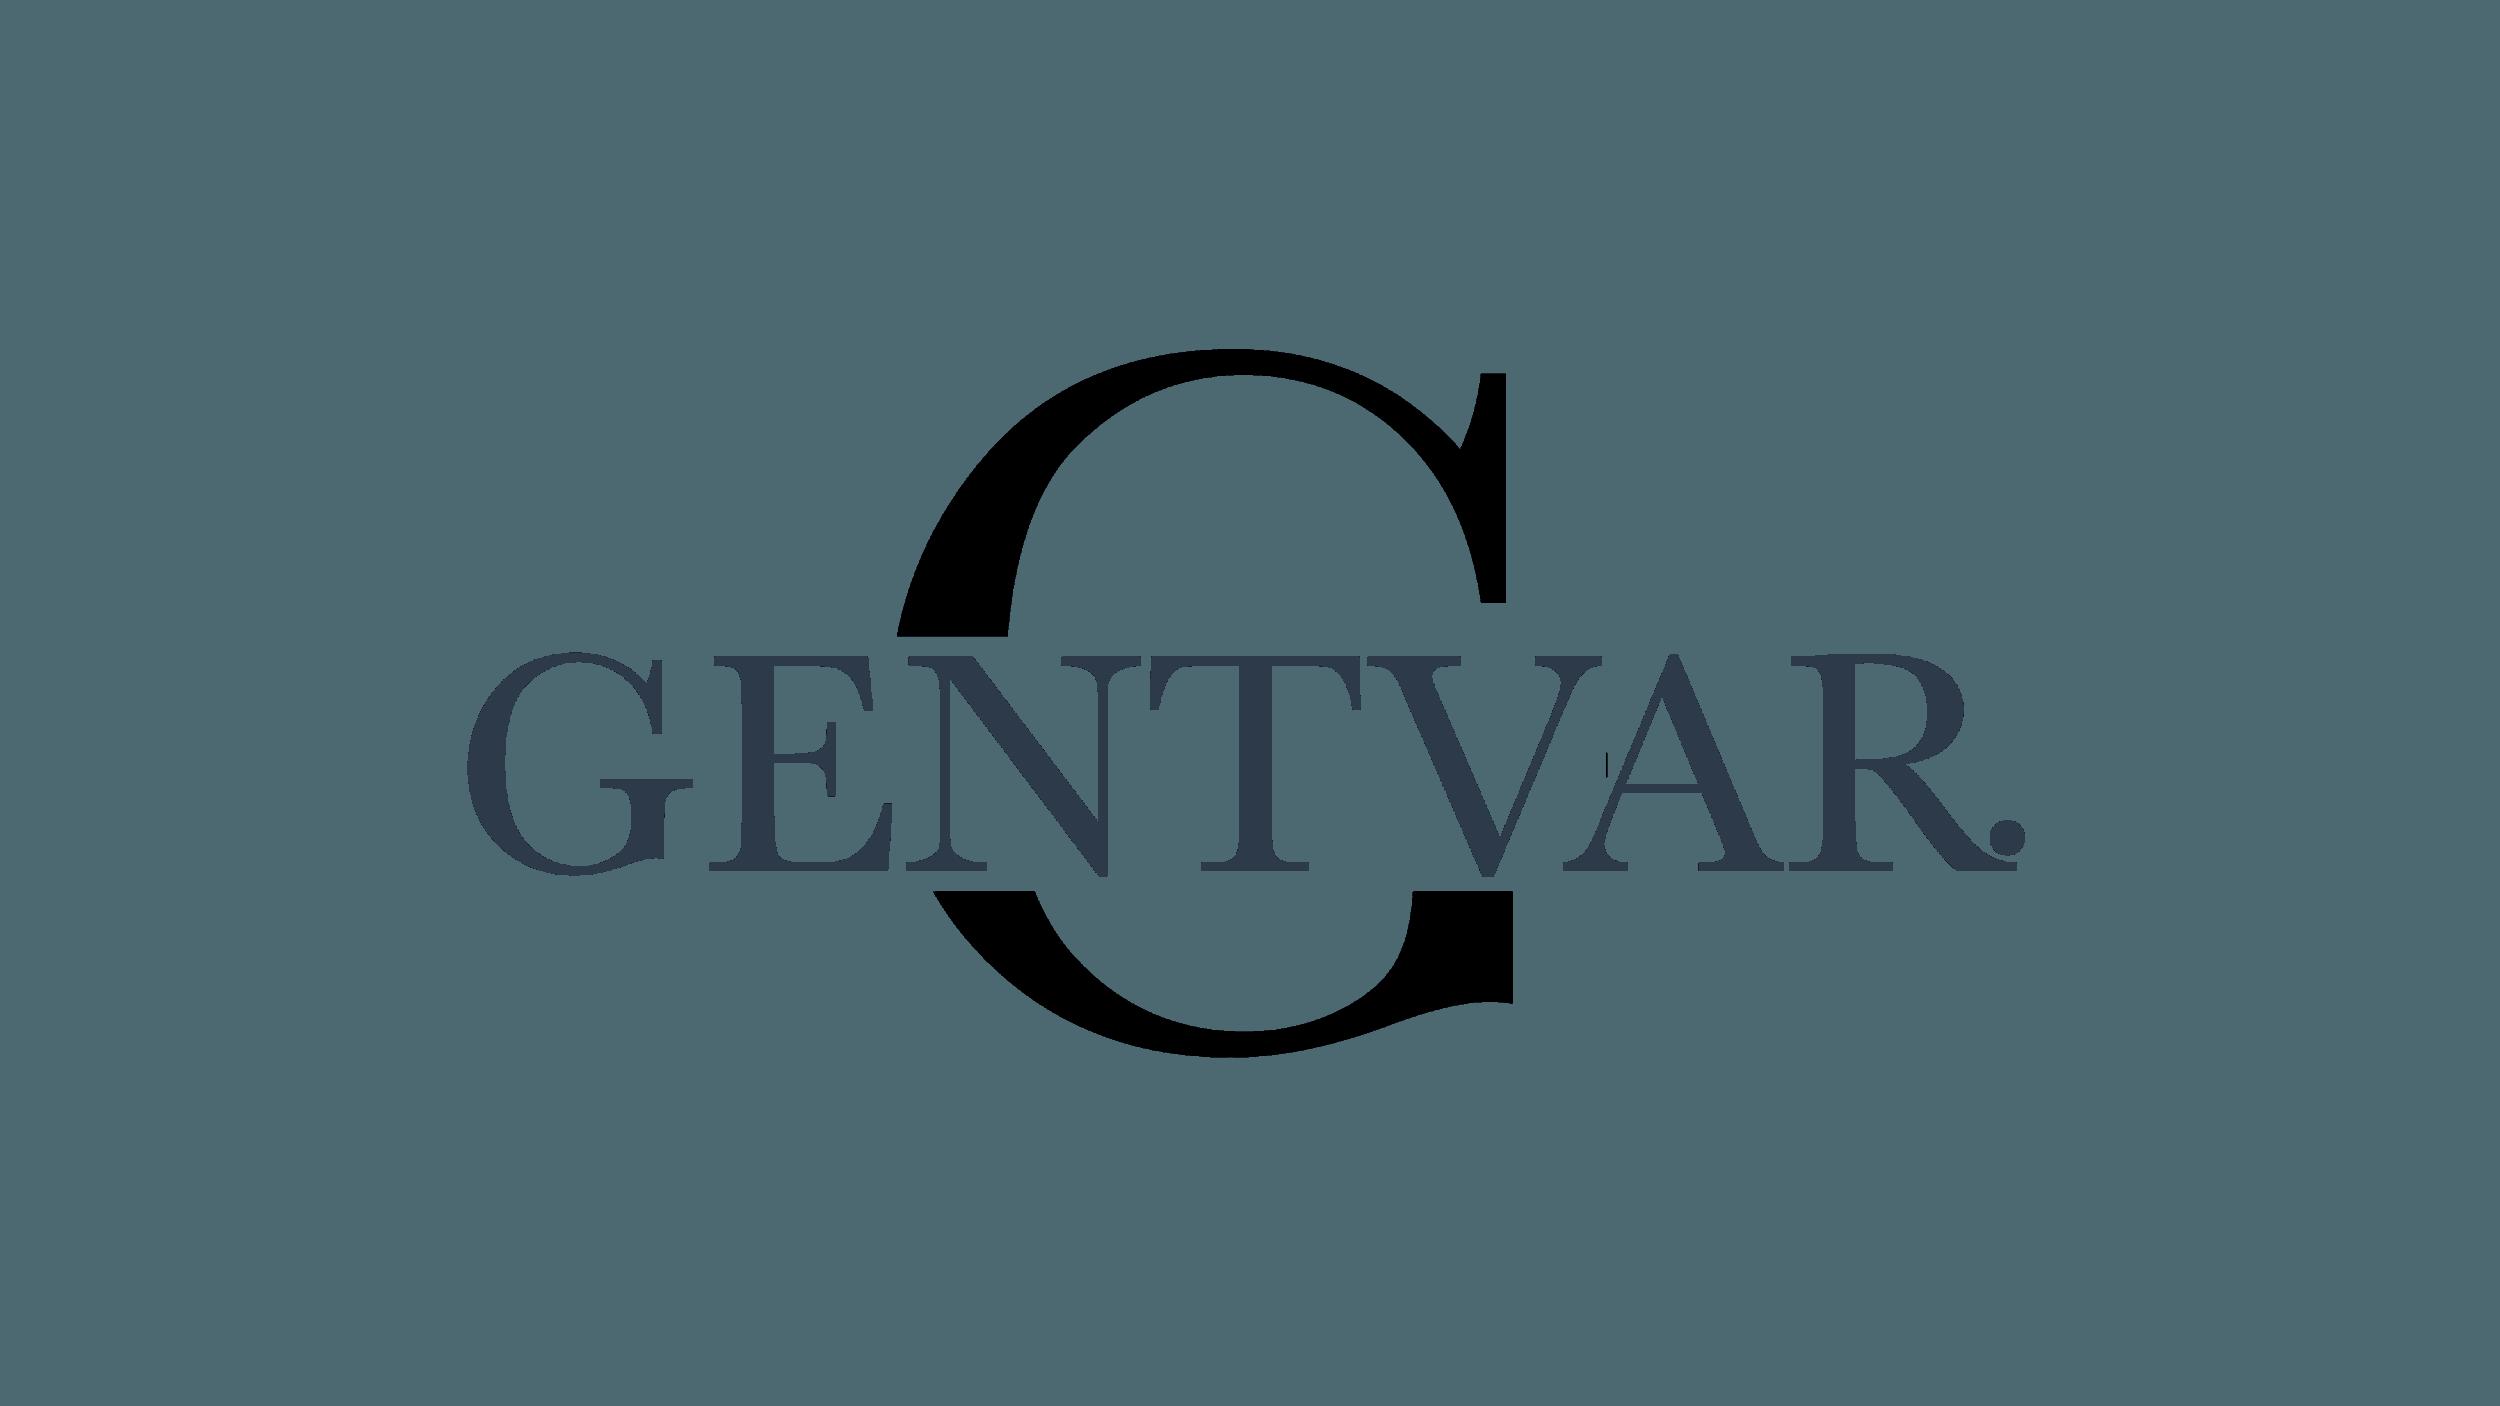 Gentvar